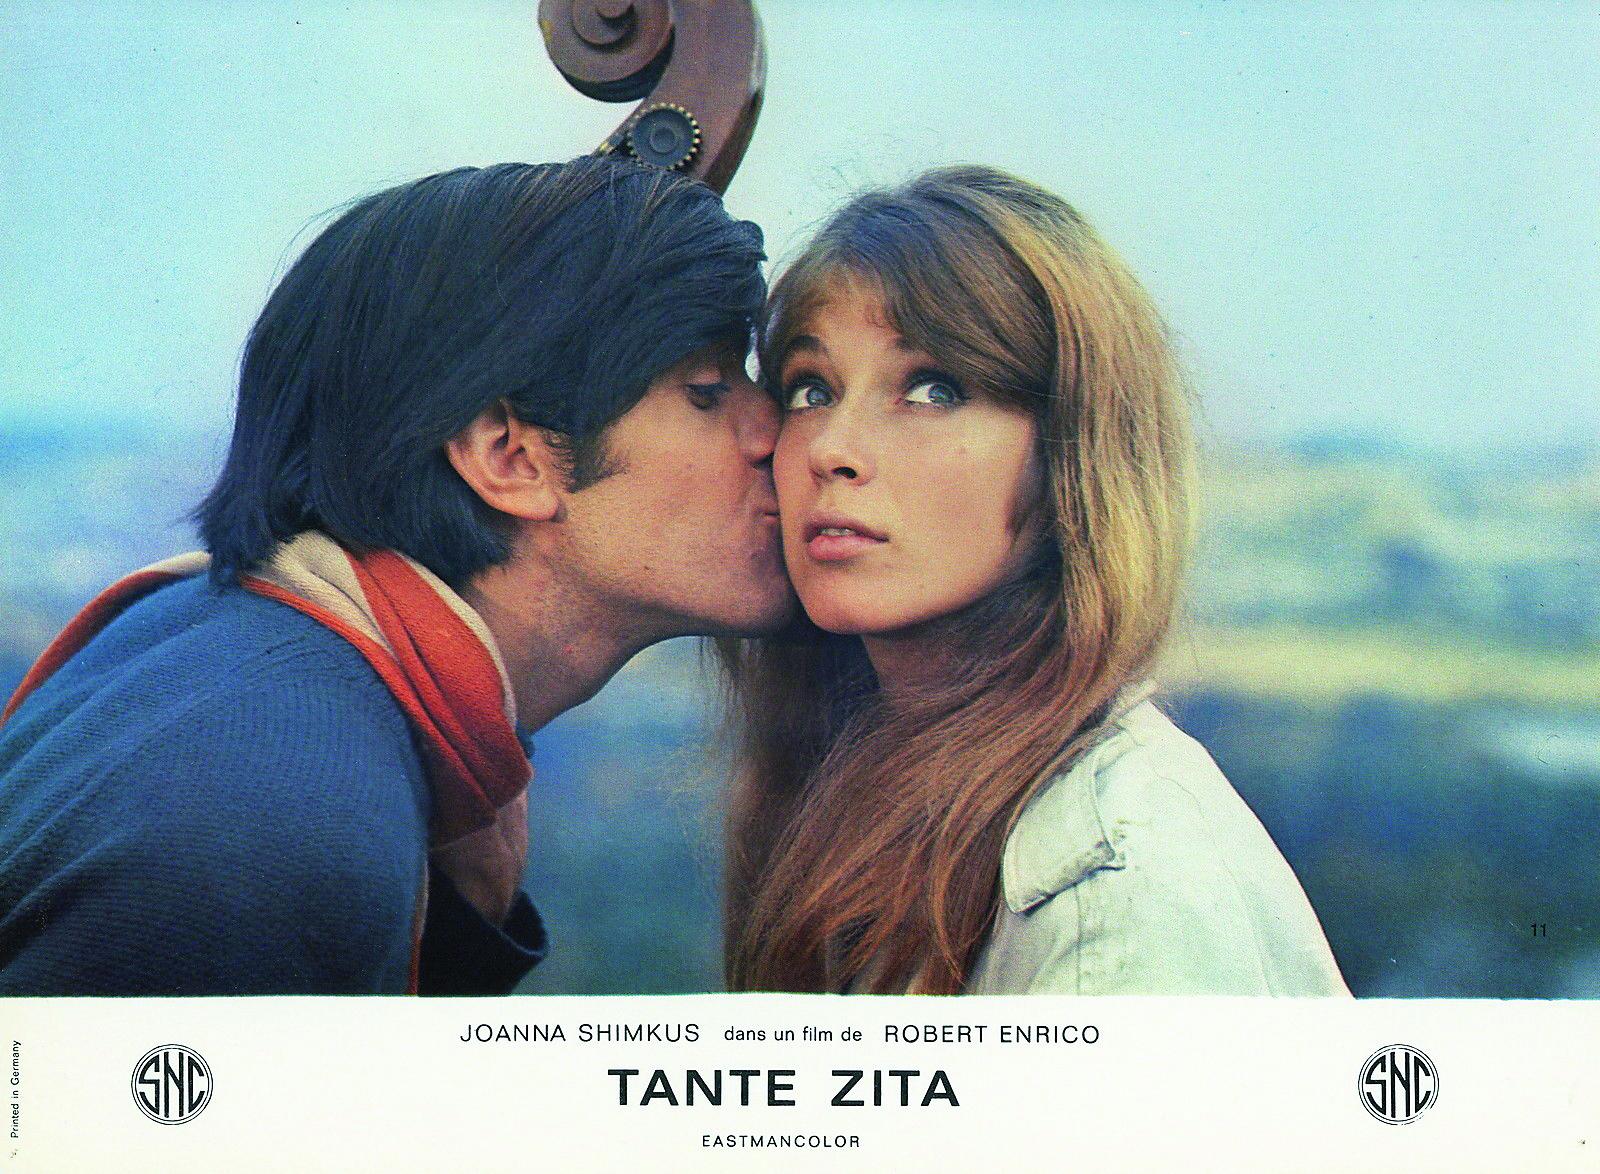 """Les années Shimkus- Projection du film """"Tante Zita """" de Robert Enrico. Mardi 3 mars à 20h30 à la Cinémathèque de Corse."""